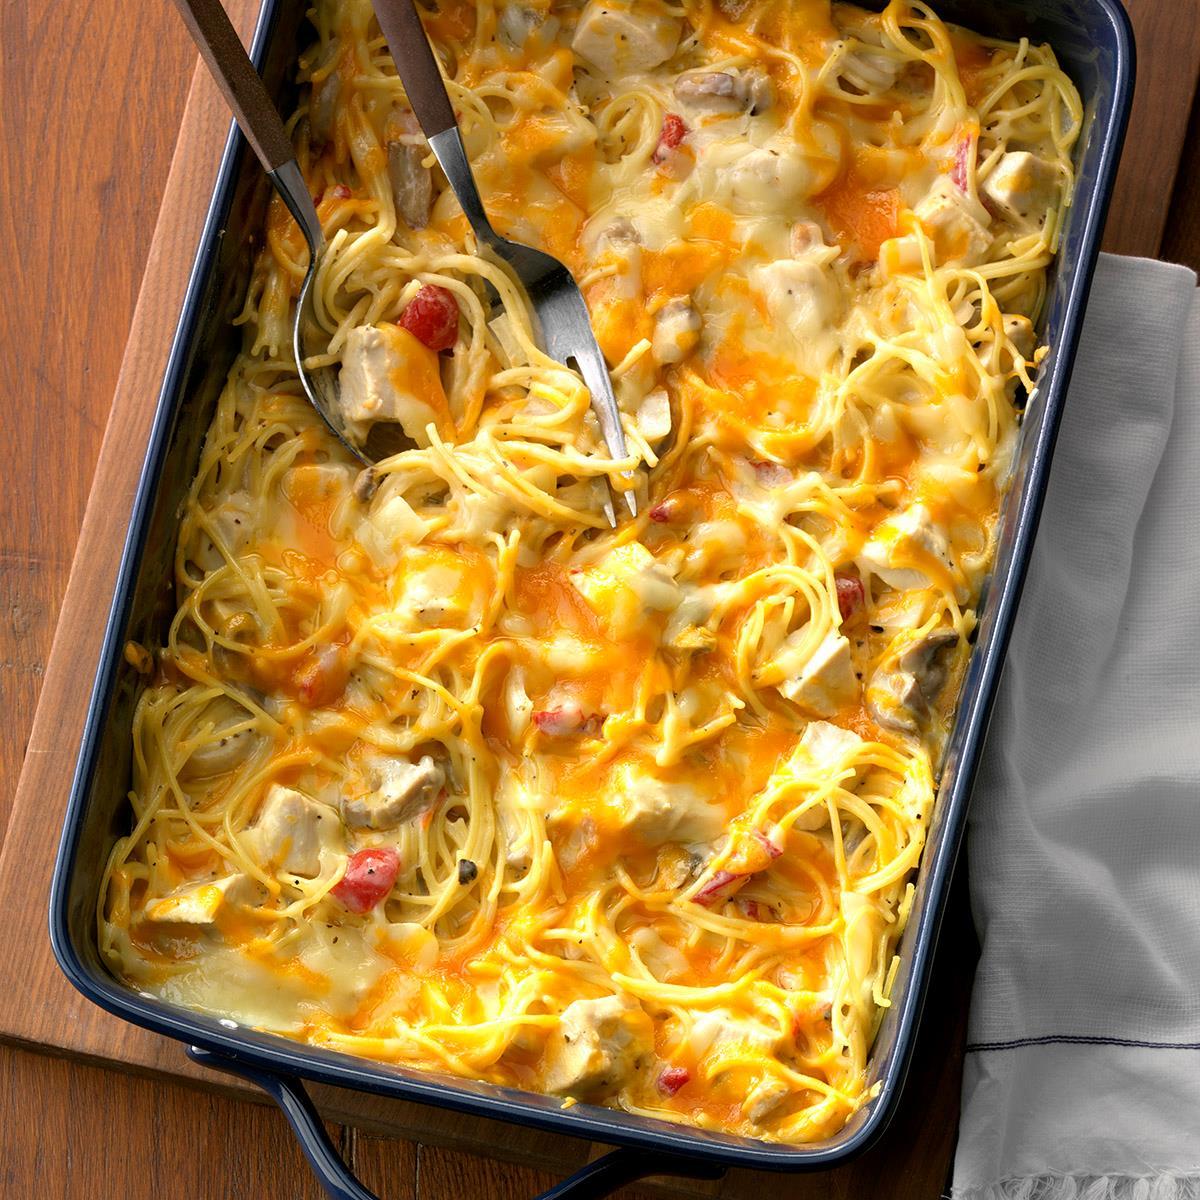 Hearty Chicken Spaghetti Casserole image